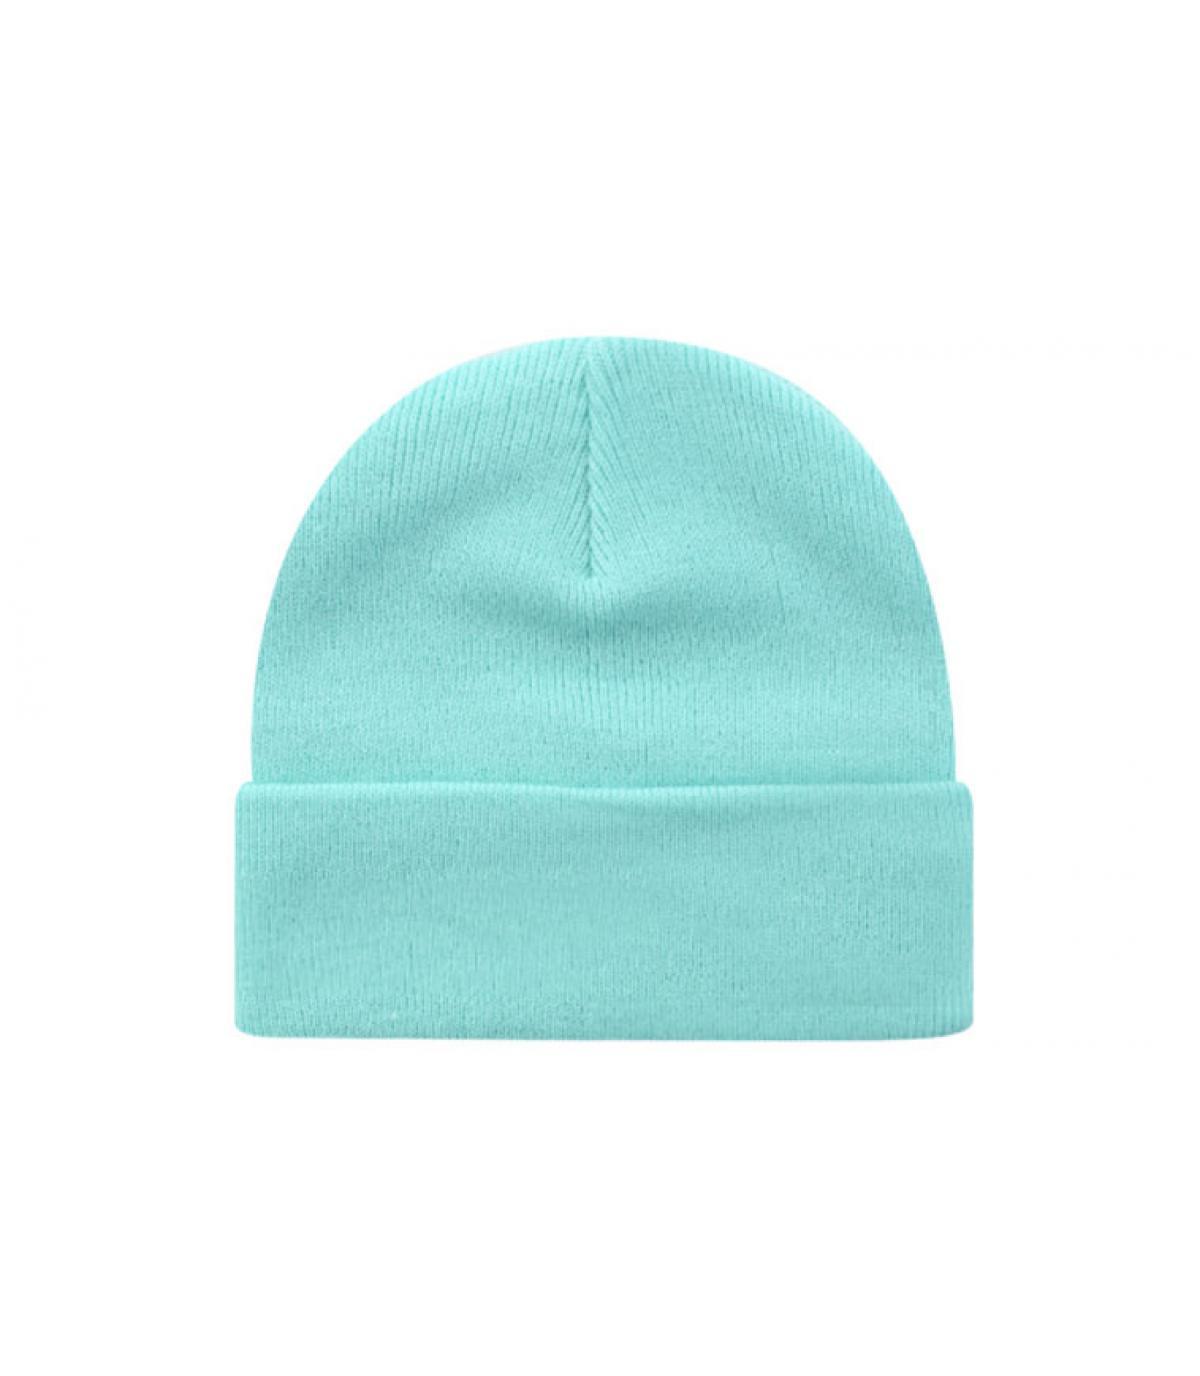 Bonnet blank mint